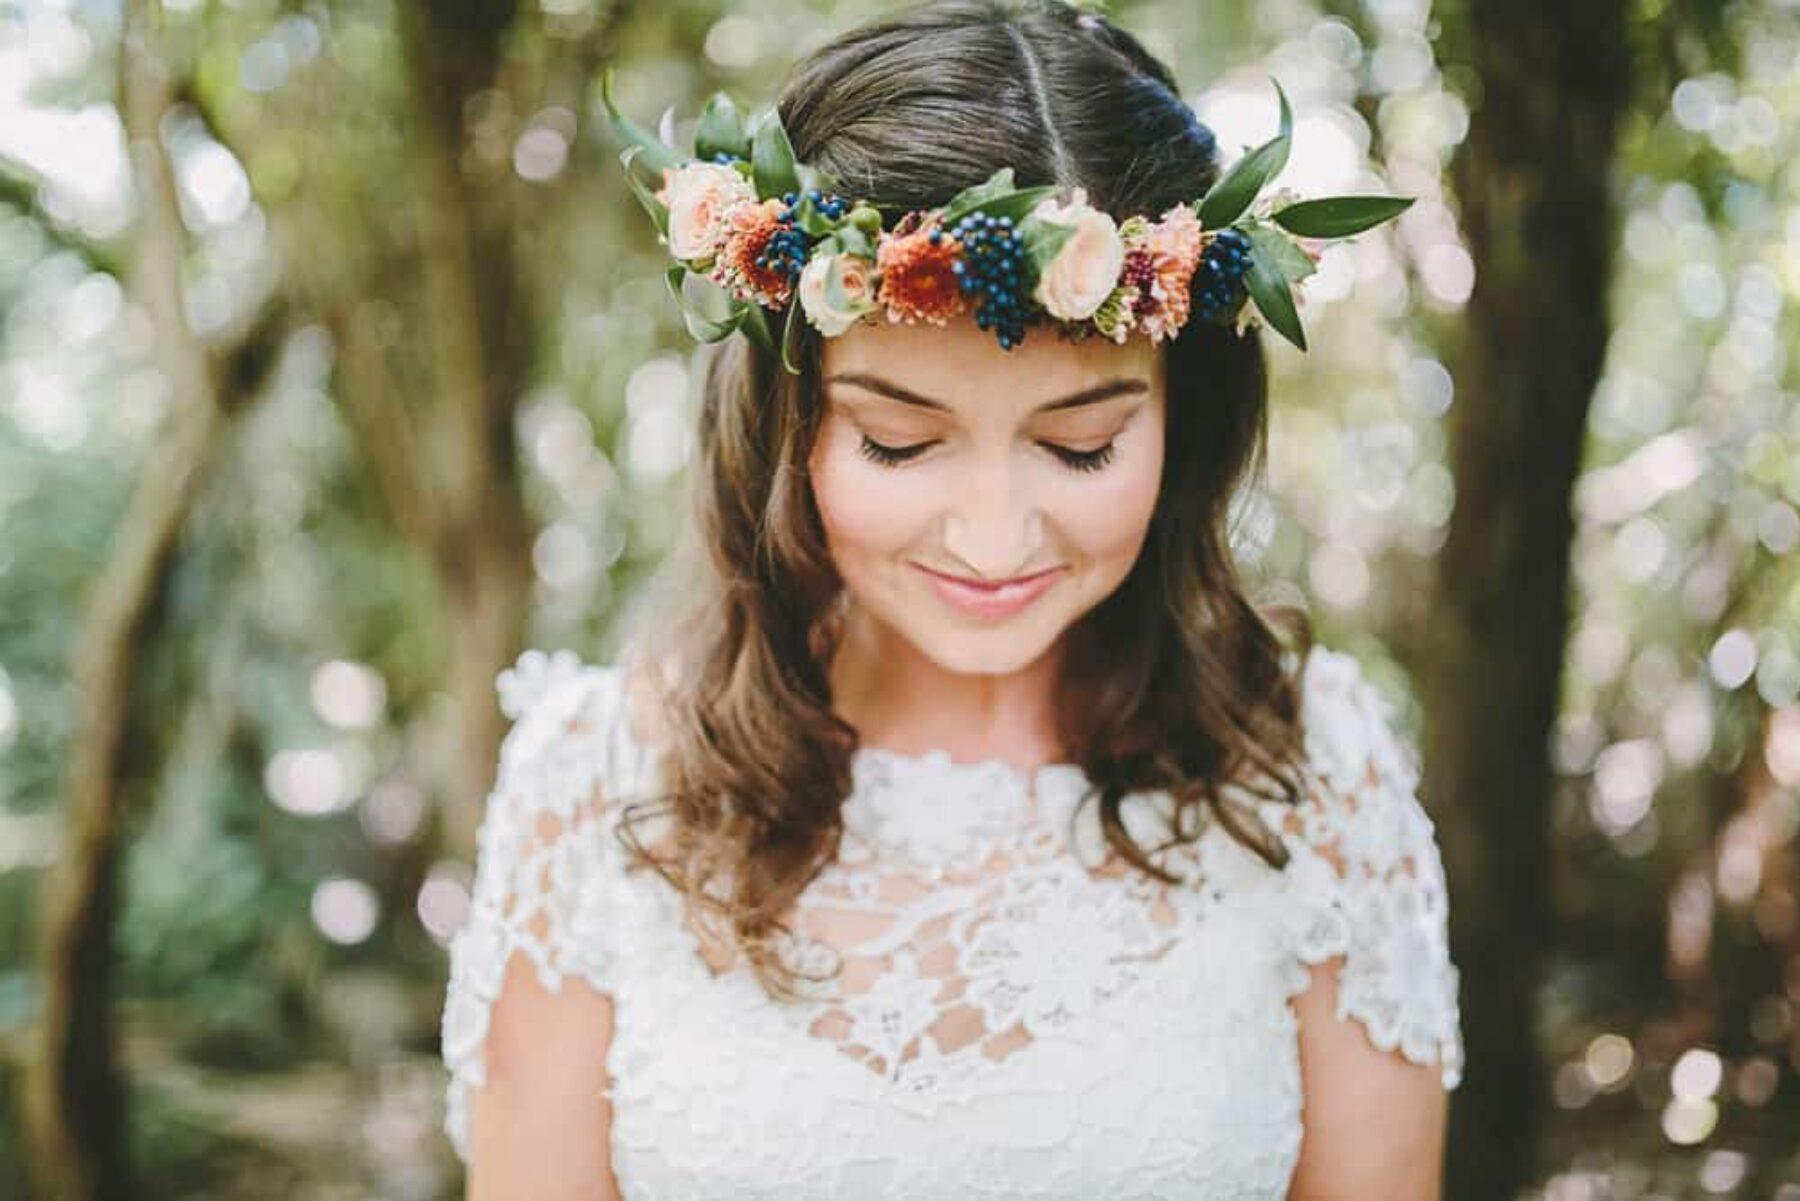 Rue de Seine bride with flower crown